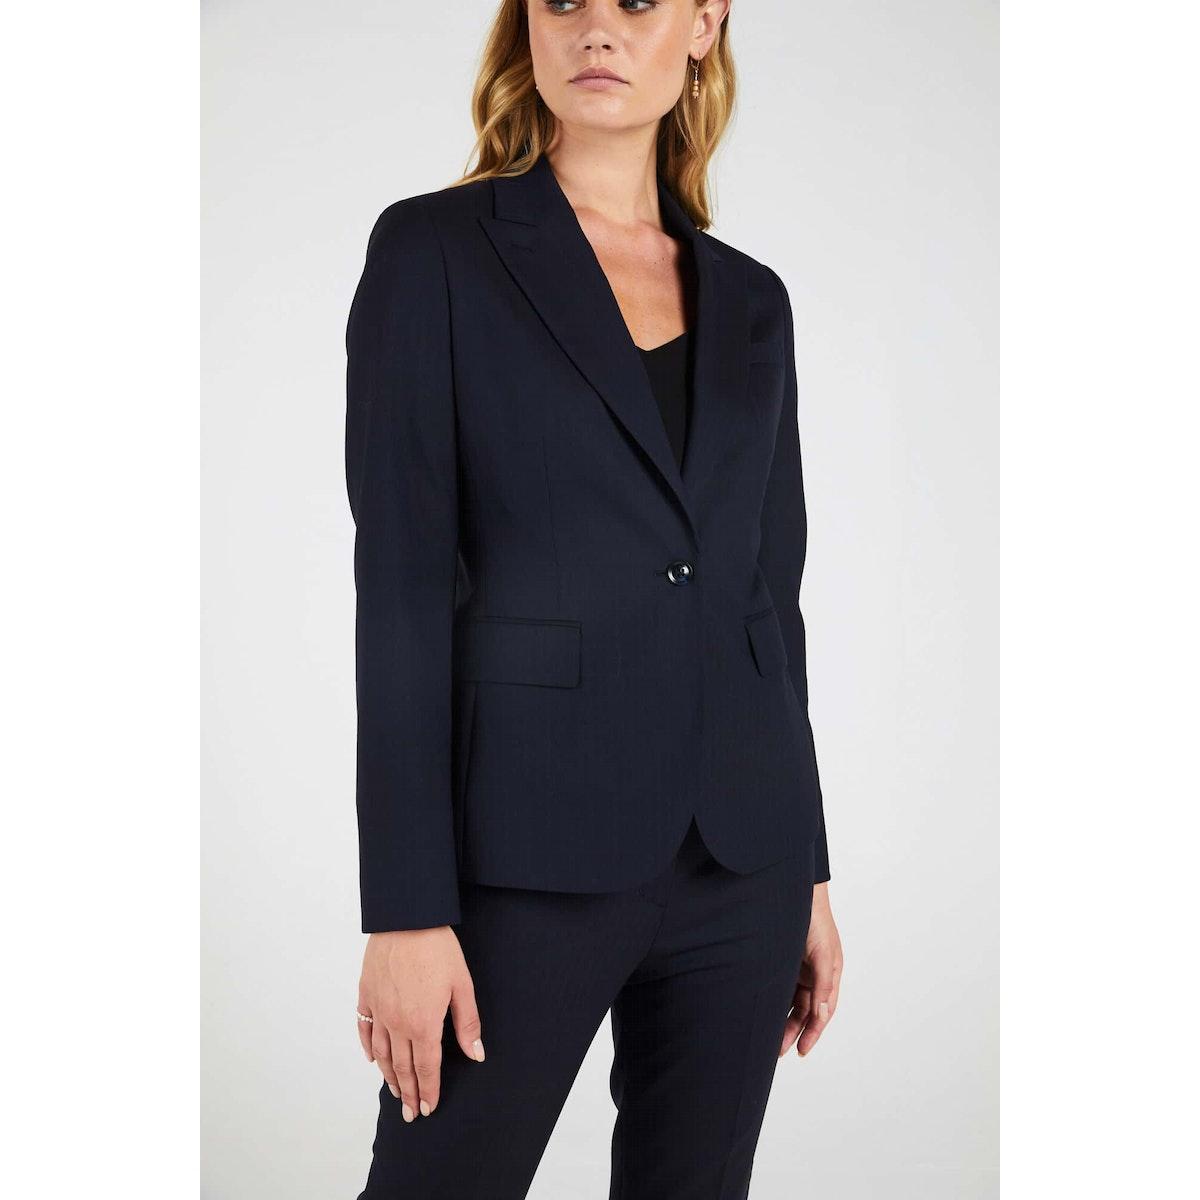 InStitchu Collection The Pattie Dark Navy Herringbone Jacket